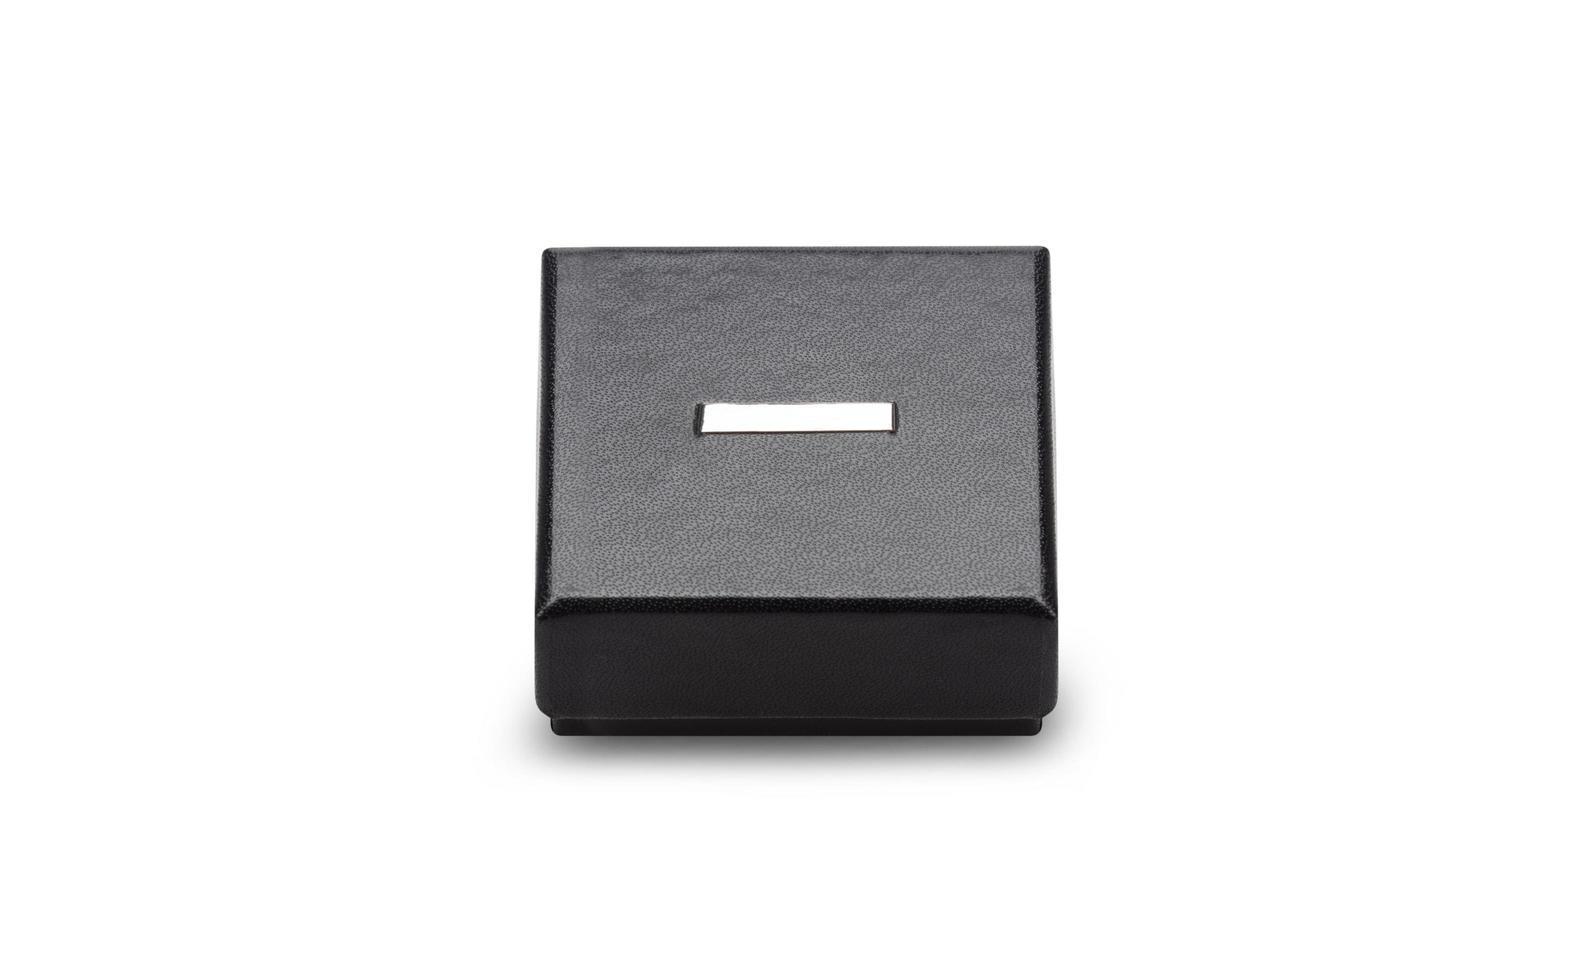 Black gift box isolated on white background photo